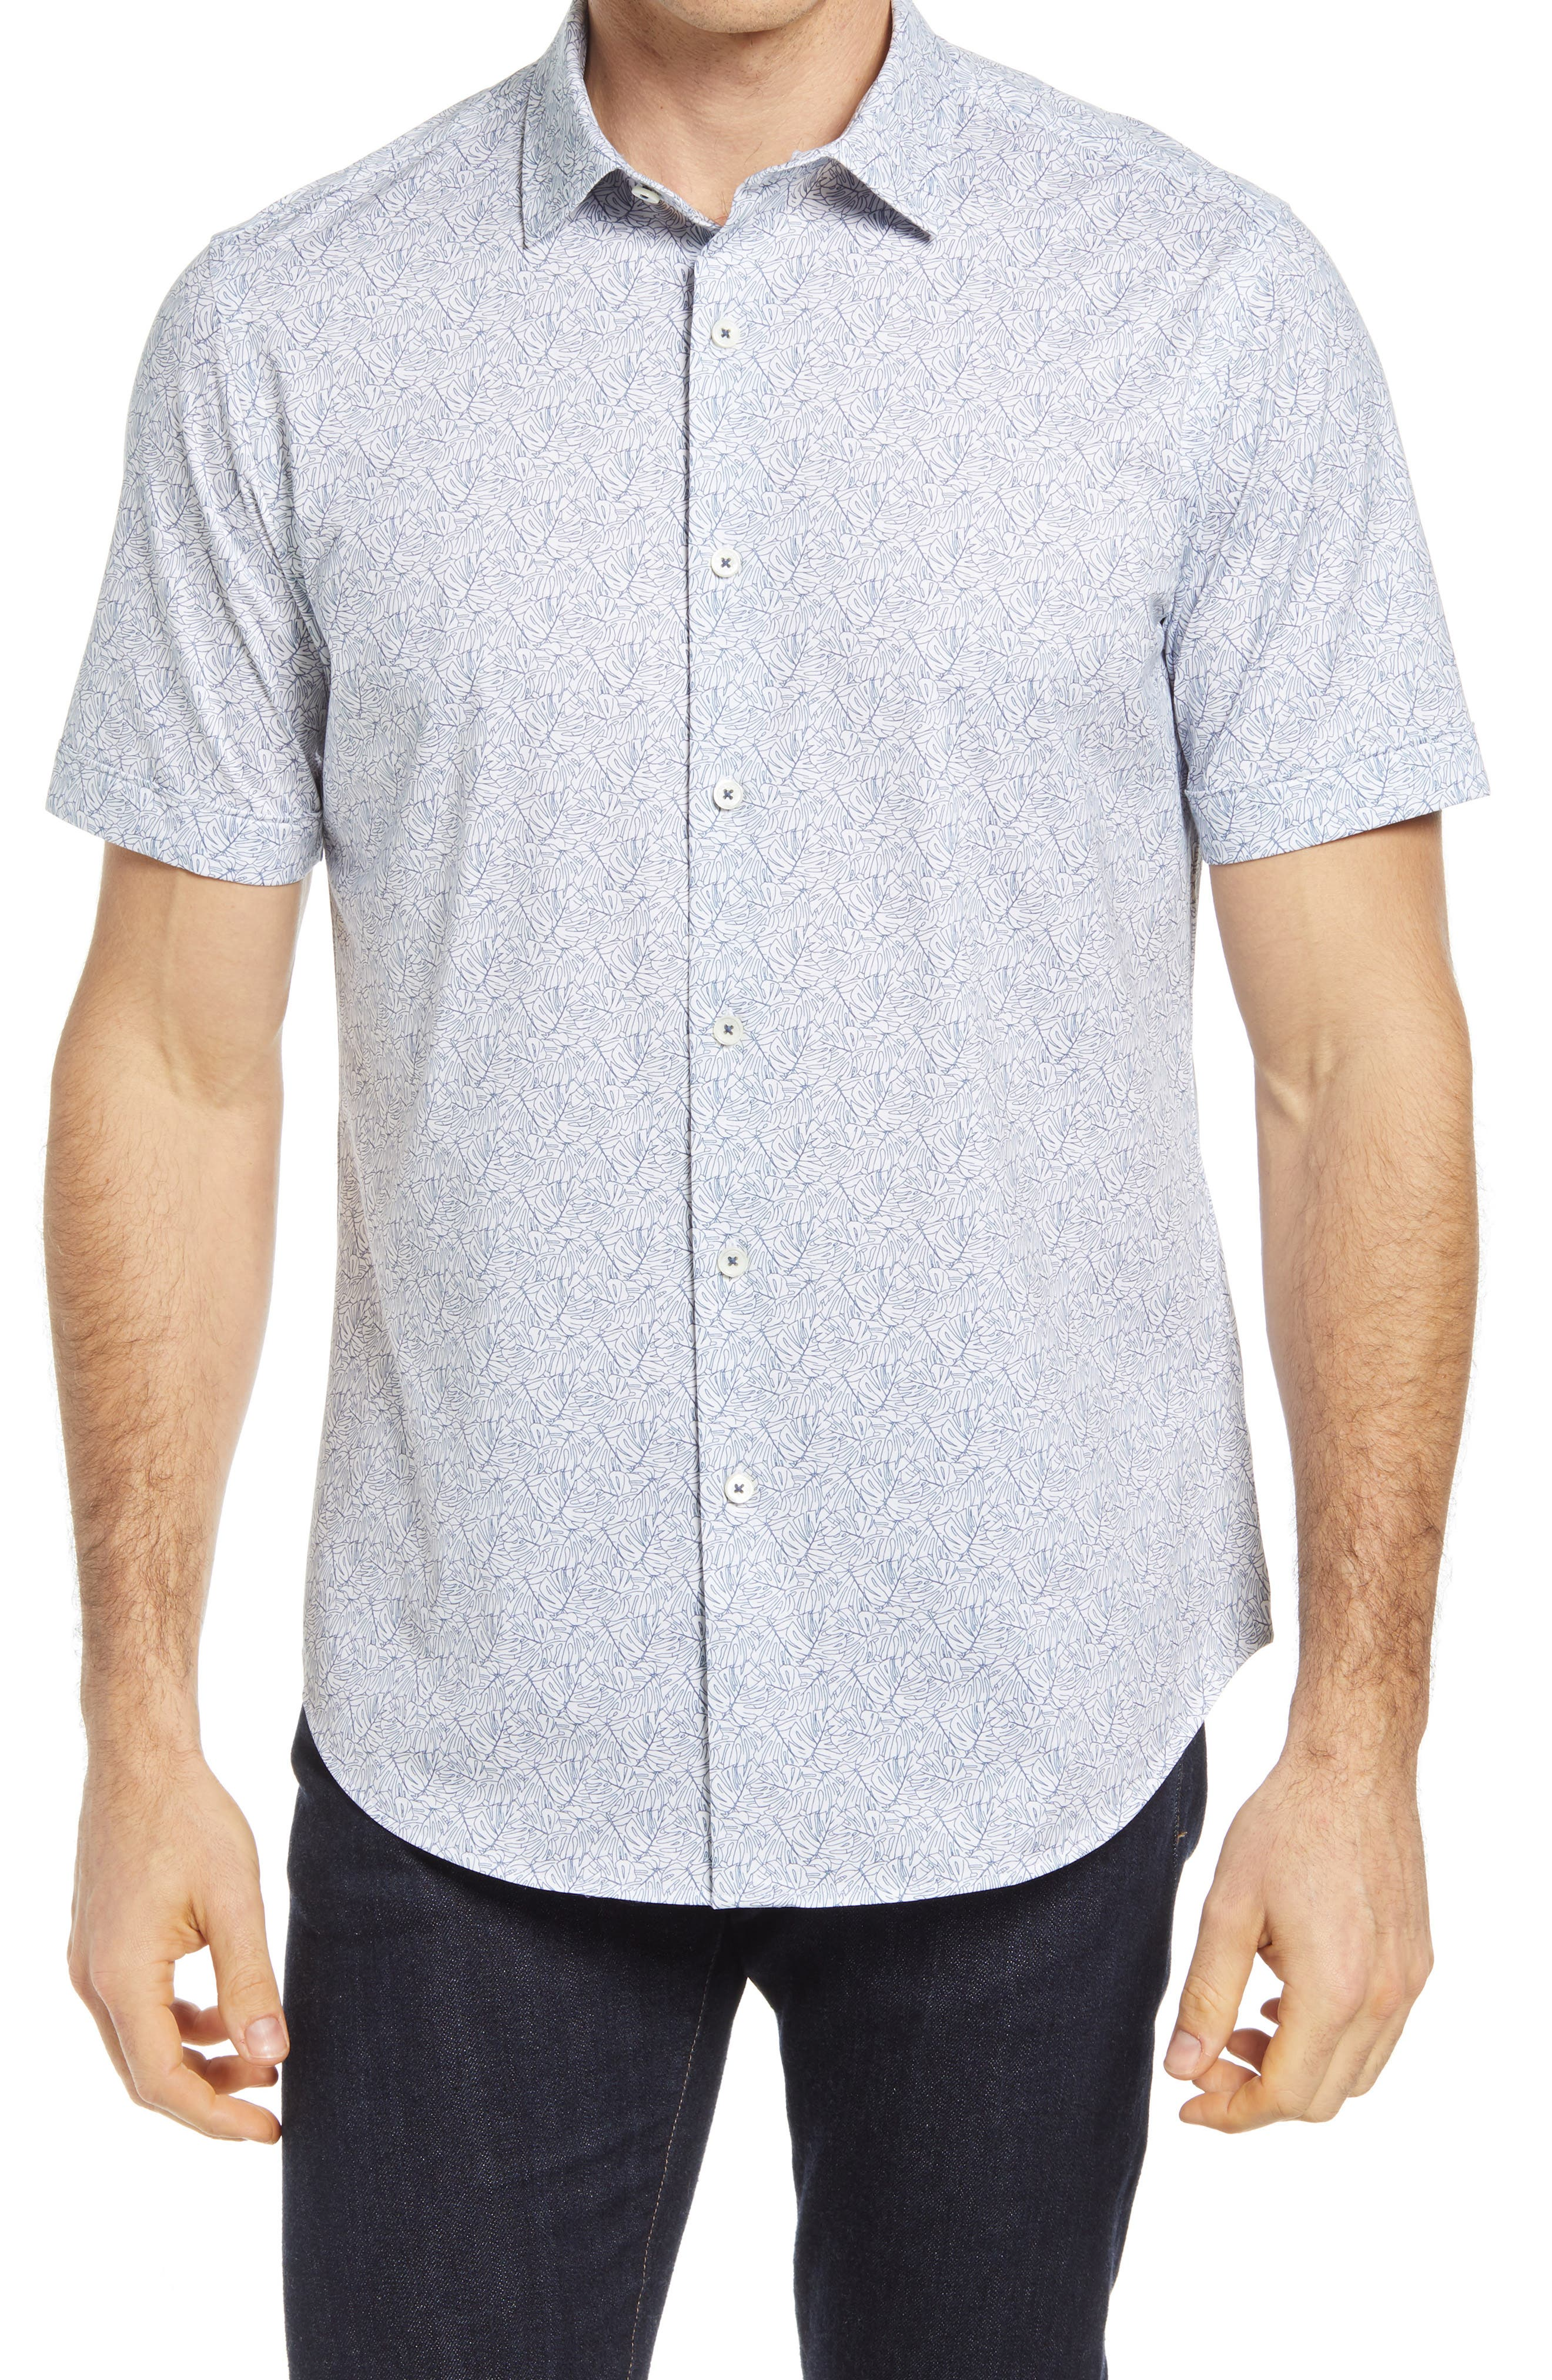 Ooohcotton Tech Print Knit Short Sleeve Button-Up Shirt